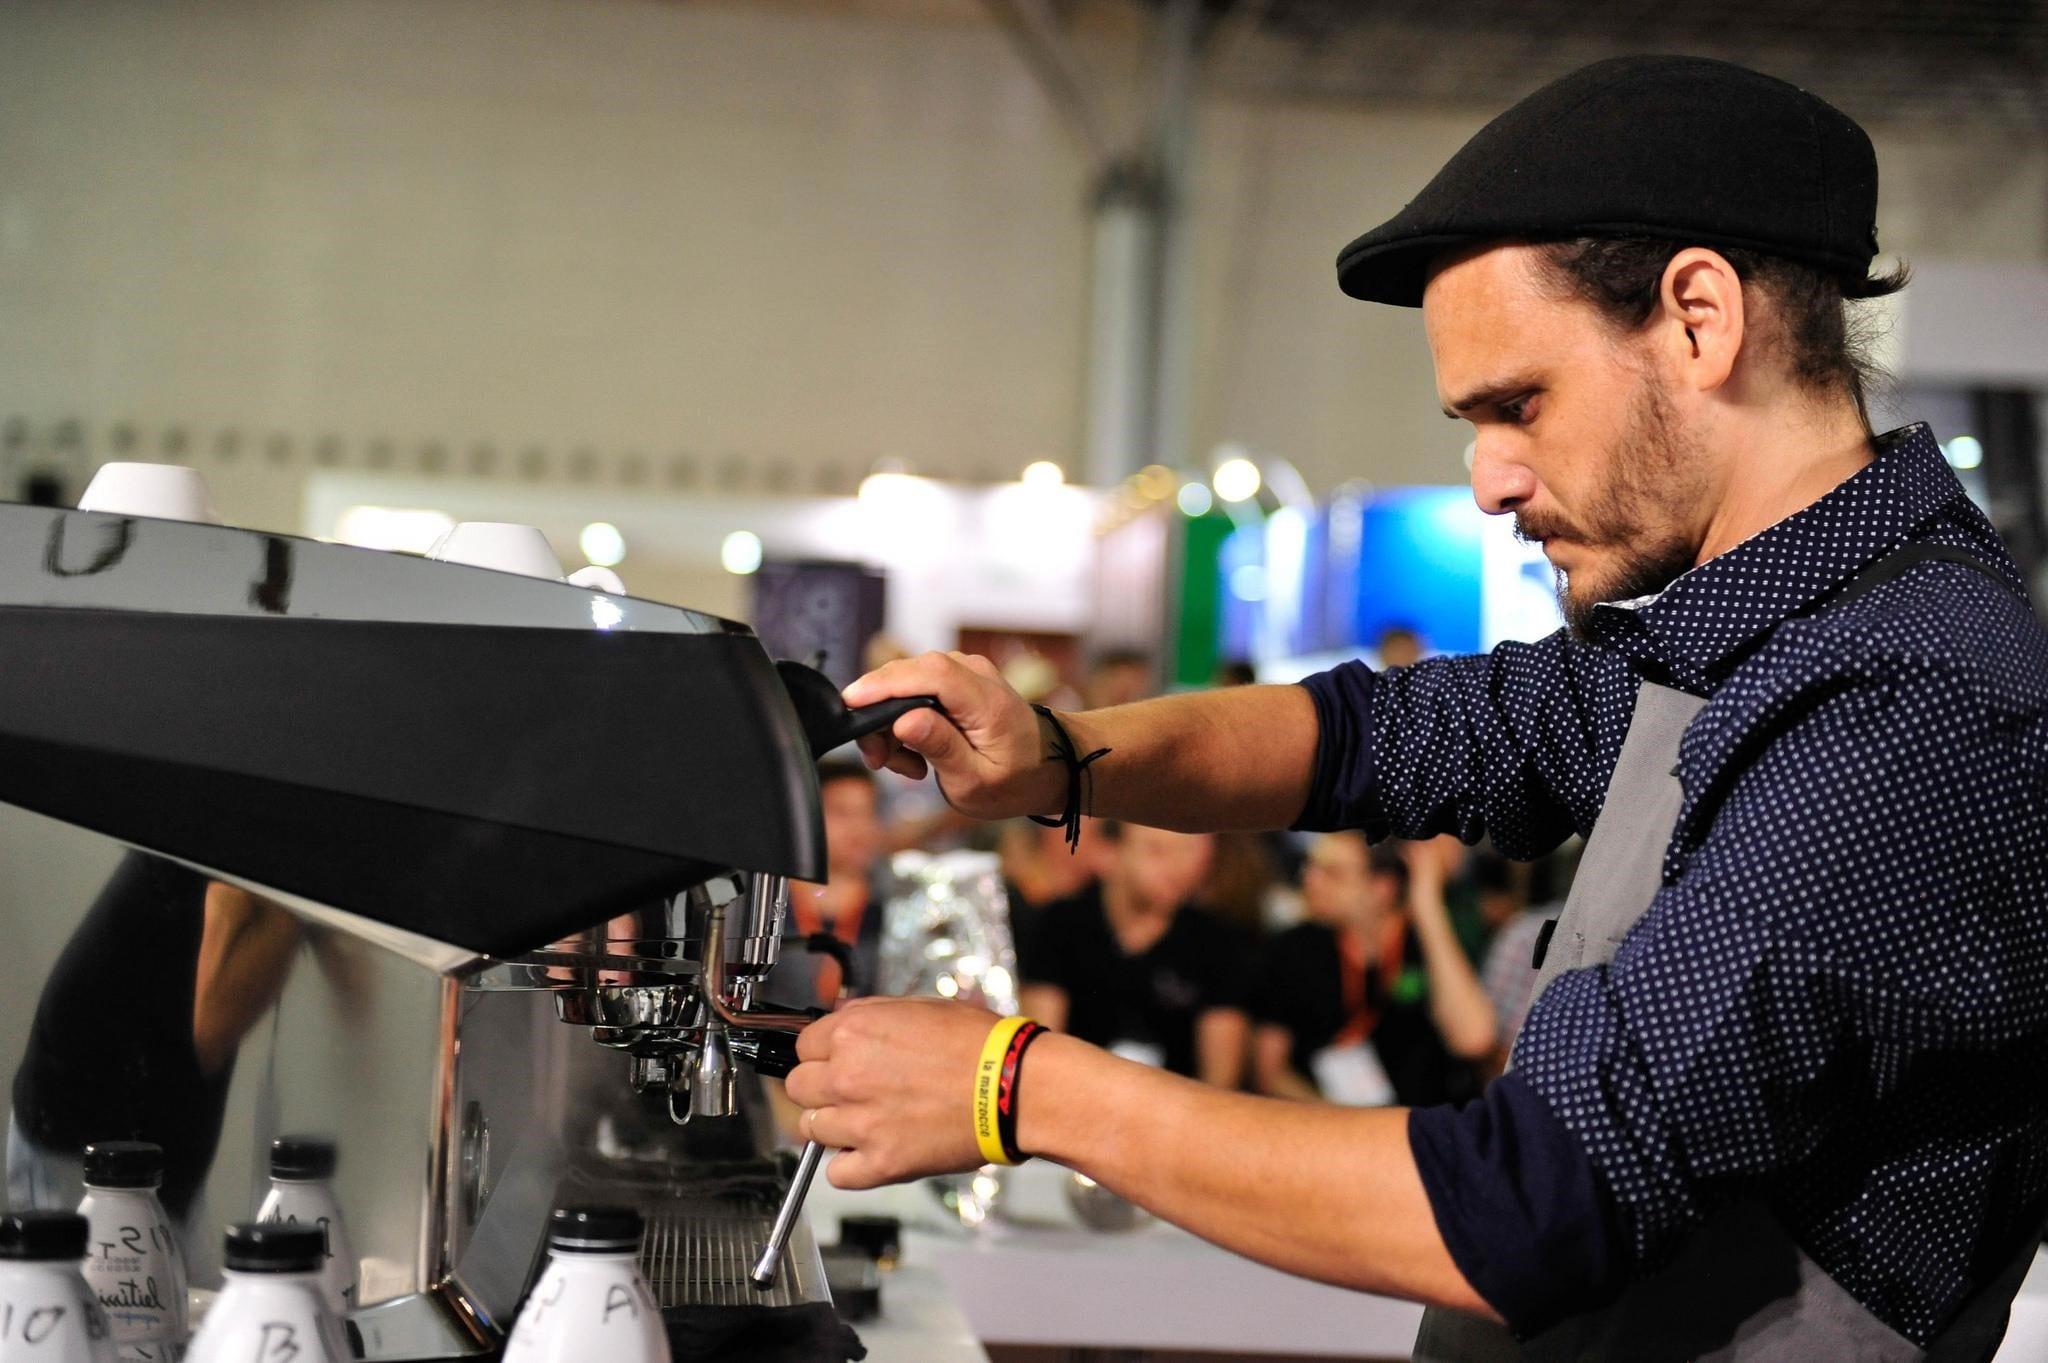 Barista de brasil prepara bebidas en una competencia